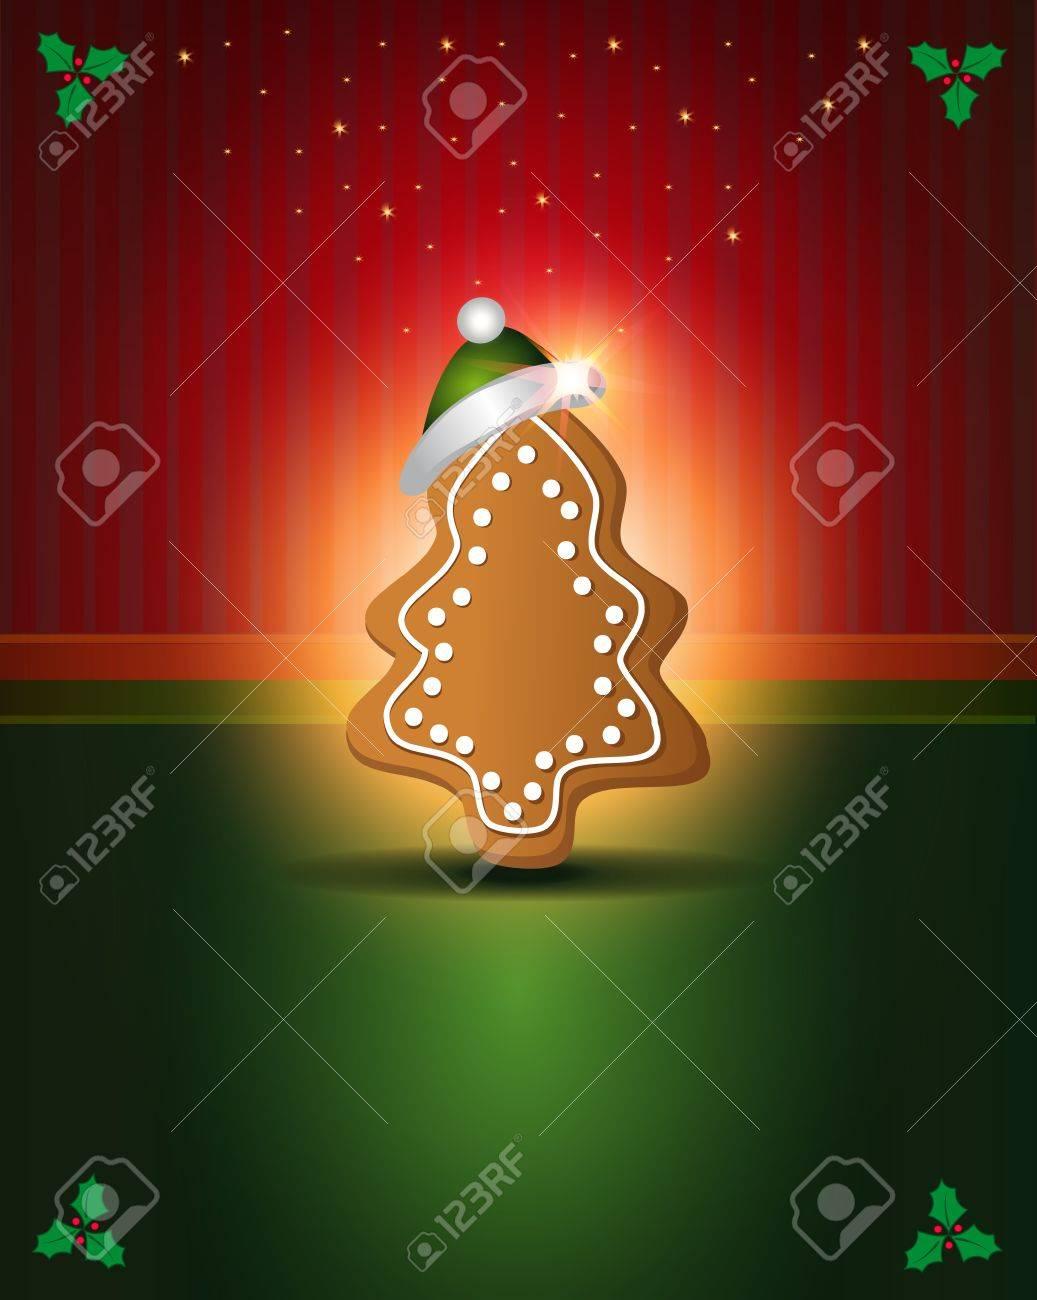 Weihnachtskarten Rot Grün Lebkuchen Glückwunsch Vorlage Lizenzfrei ...